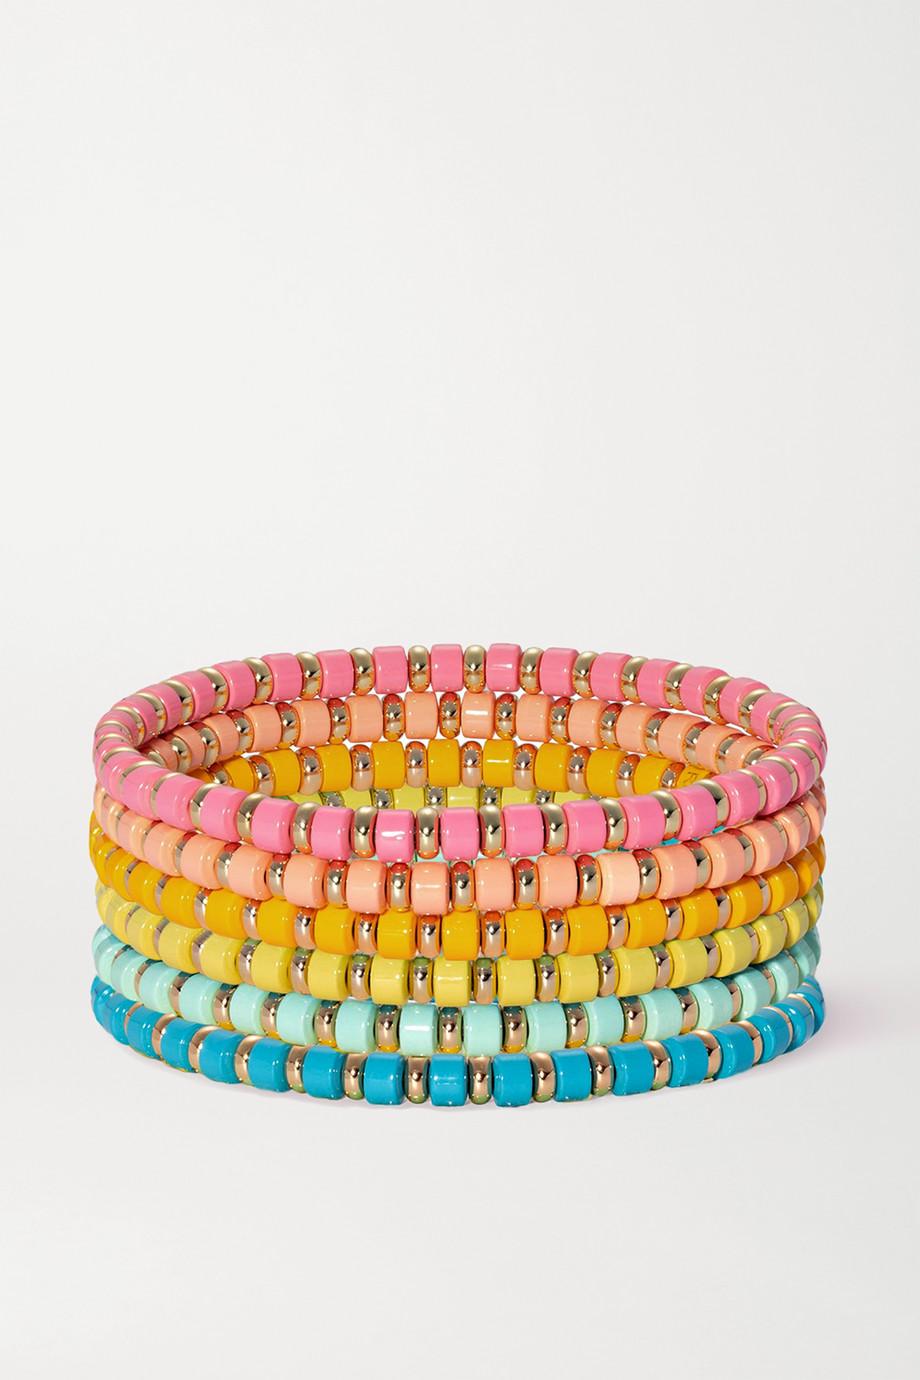 록산느 애슐린 팔찌 Roxanne Assoulin The Little Ones set of six enamel and gold-tone bracelets,Orange